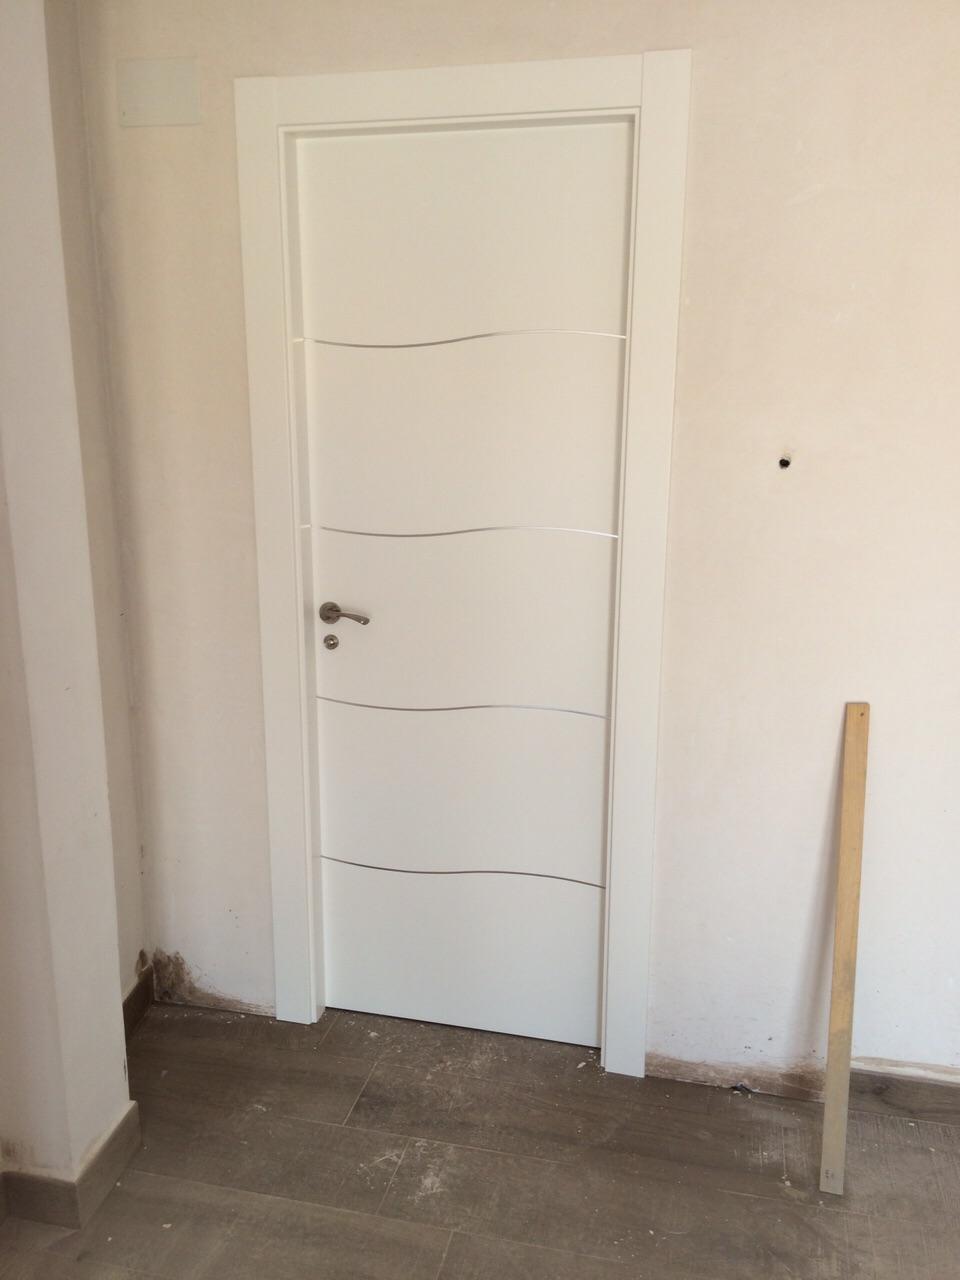 puertas lacadas modalho c aluminio ondulado